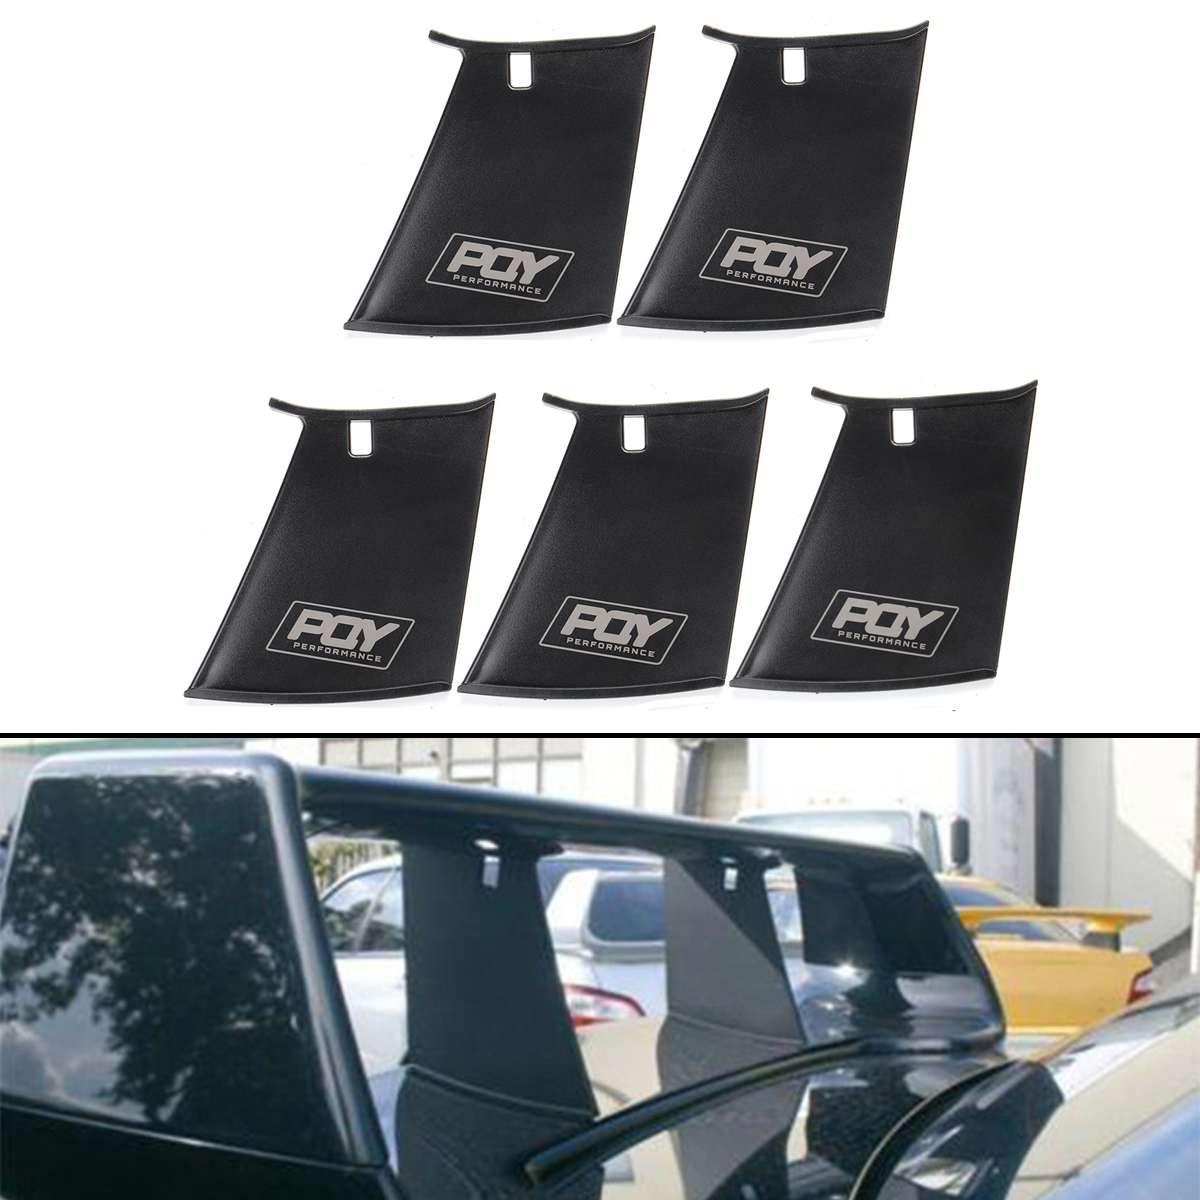 חדש רכב אחורי ספוילר כנף מייצב פגוש Stand עבור סובארו אימפרזה 2002-2007 WRX STi Stiffi אגף ספוילר תמיכה מייצב